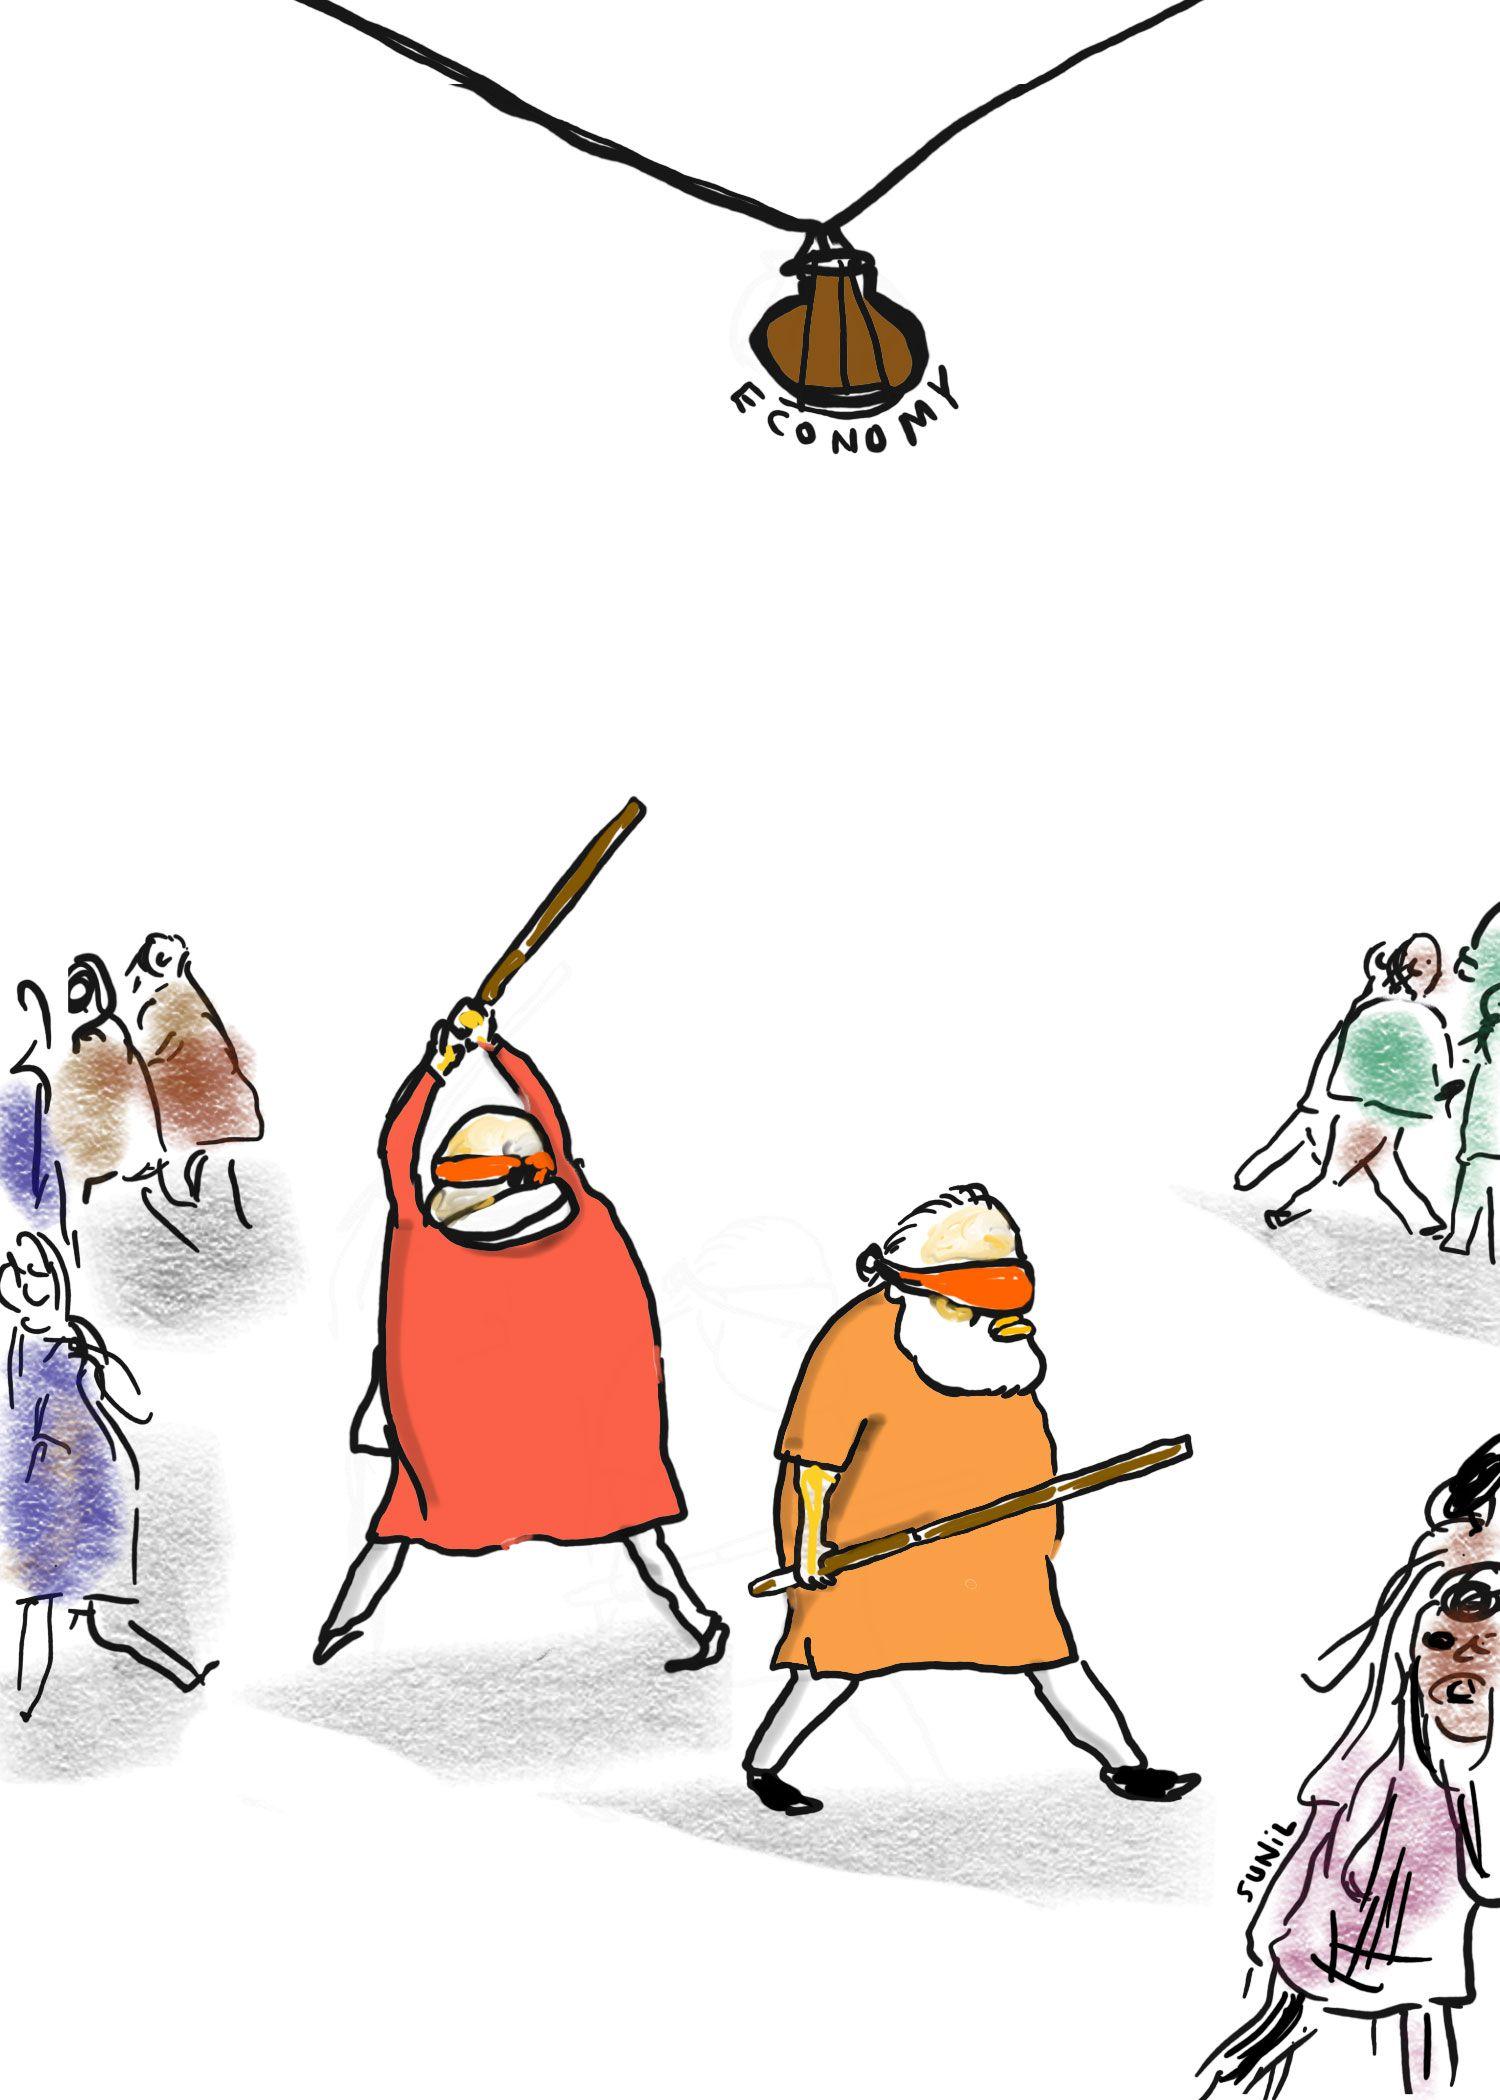 സമ്പദ് വ്യവസ്ഥയും രാഷ്ട്രീയവും